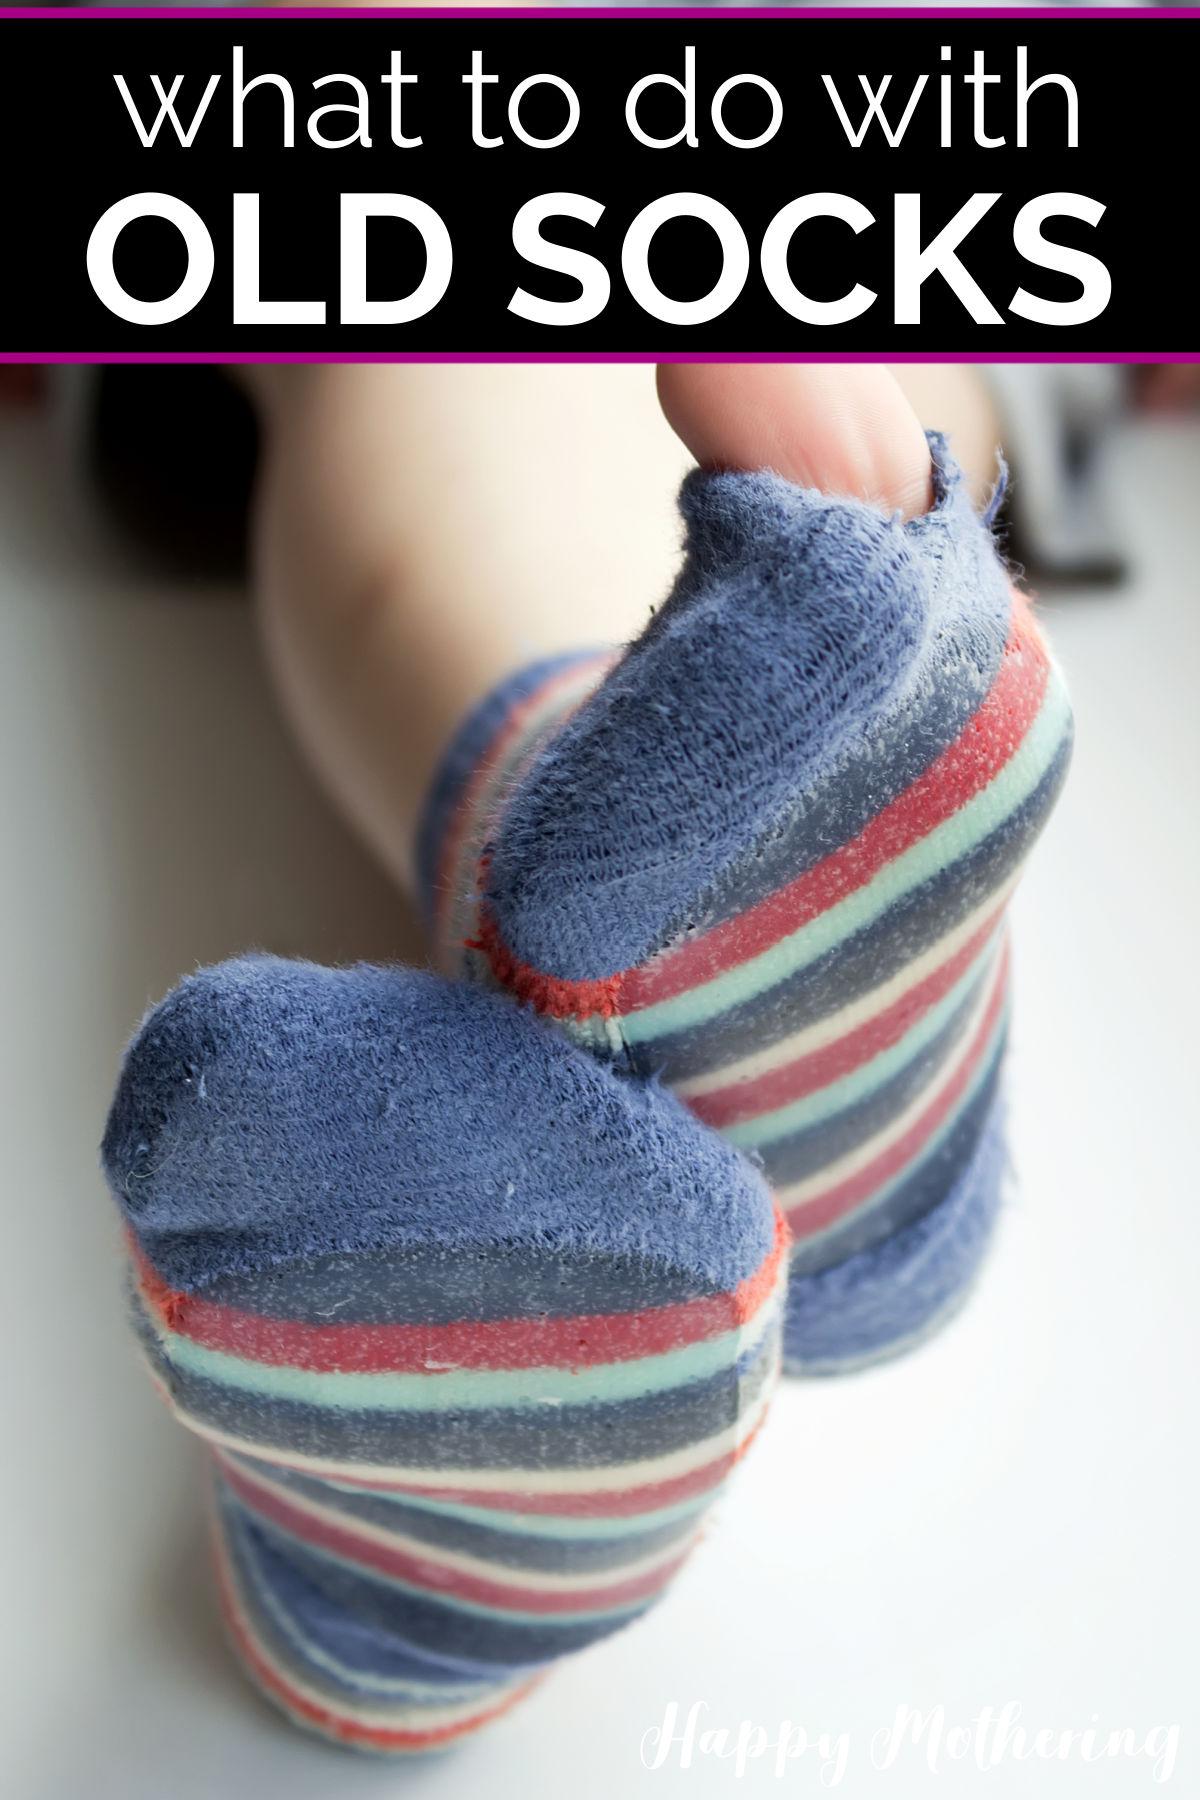 Feet with a holey sock